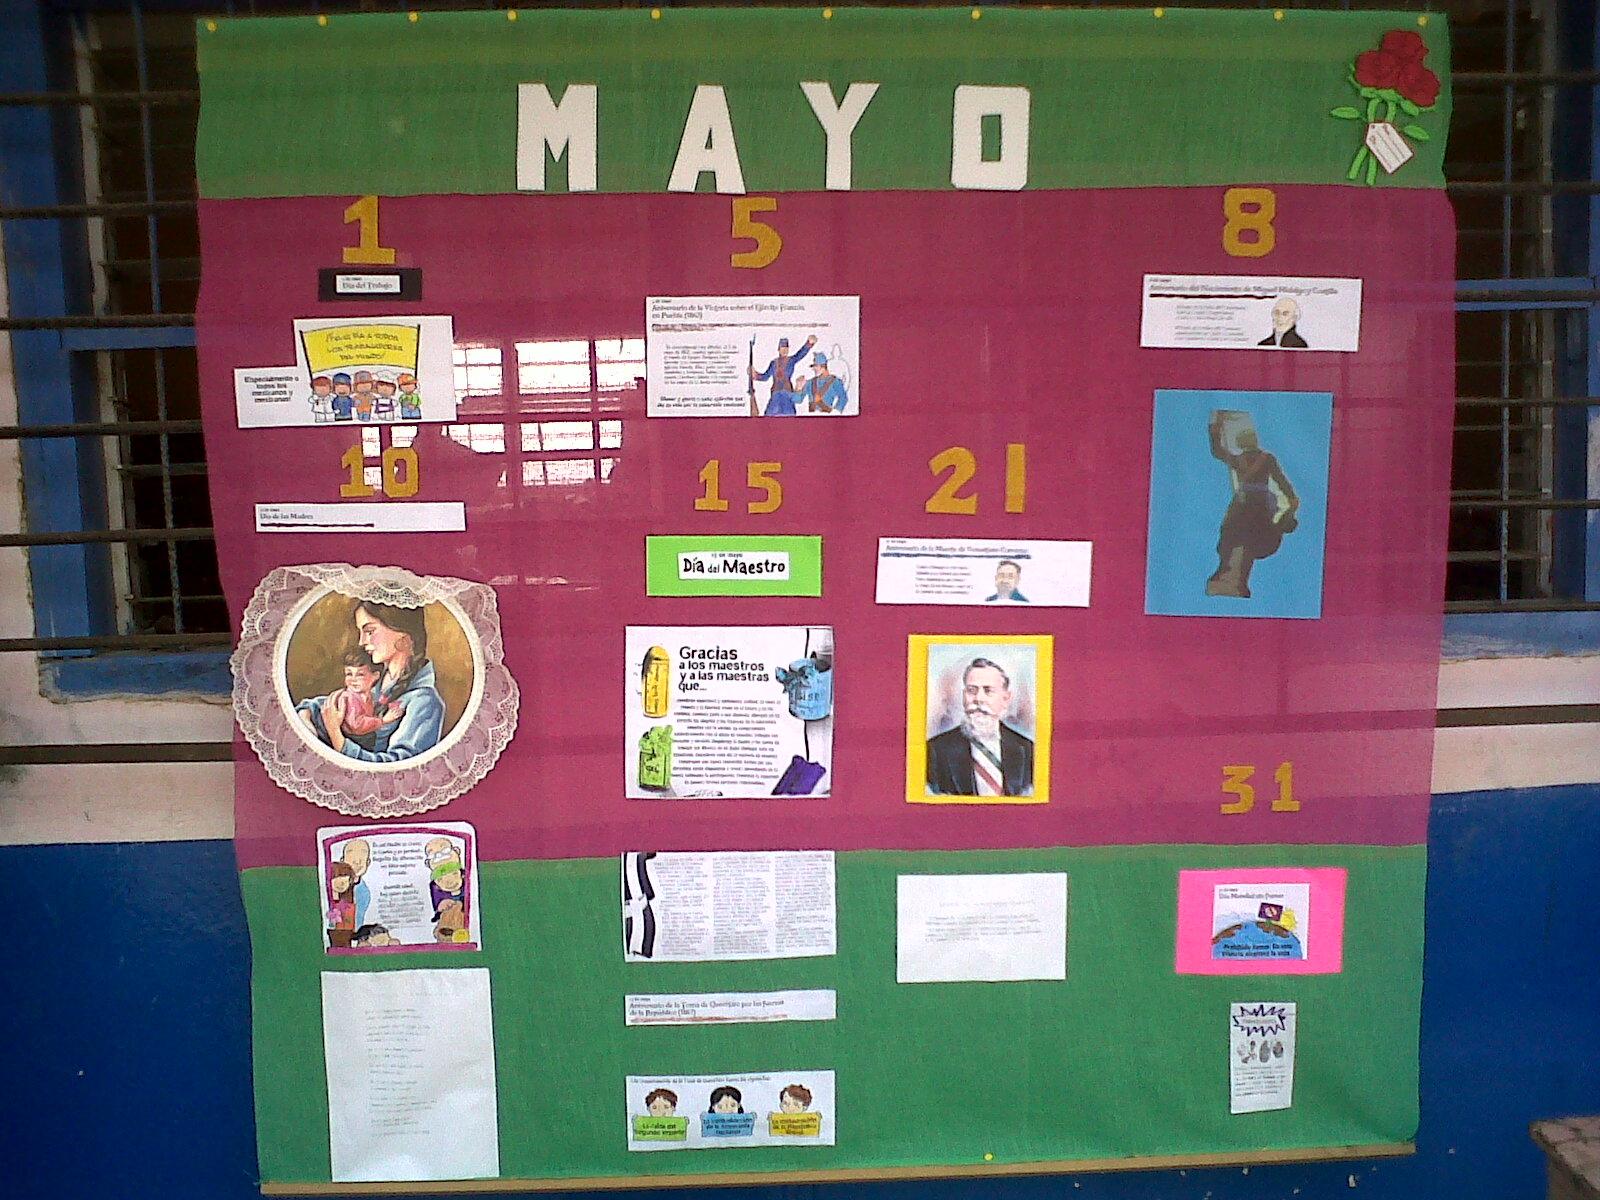 El periodico mural for Estructura del periodico mural